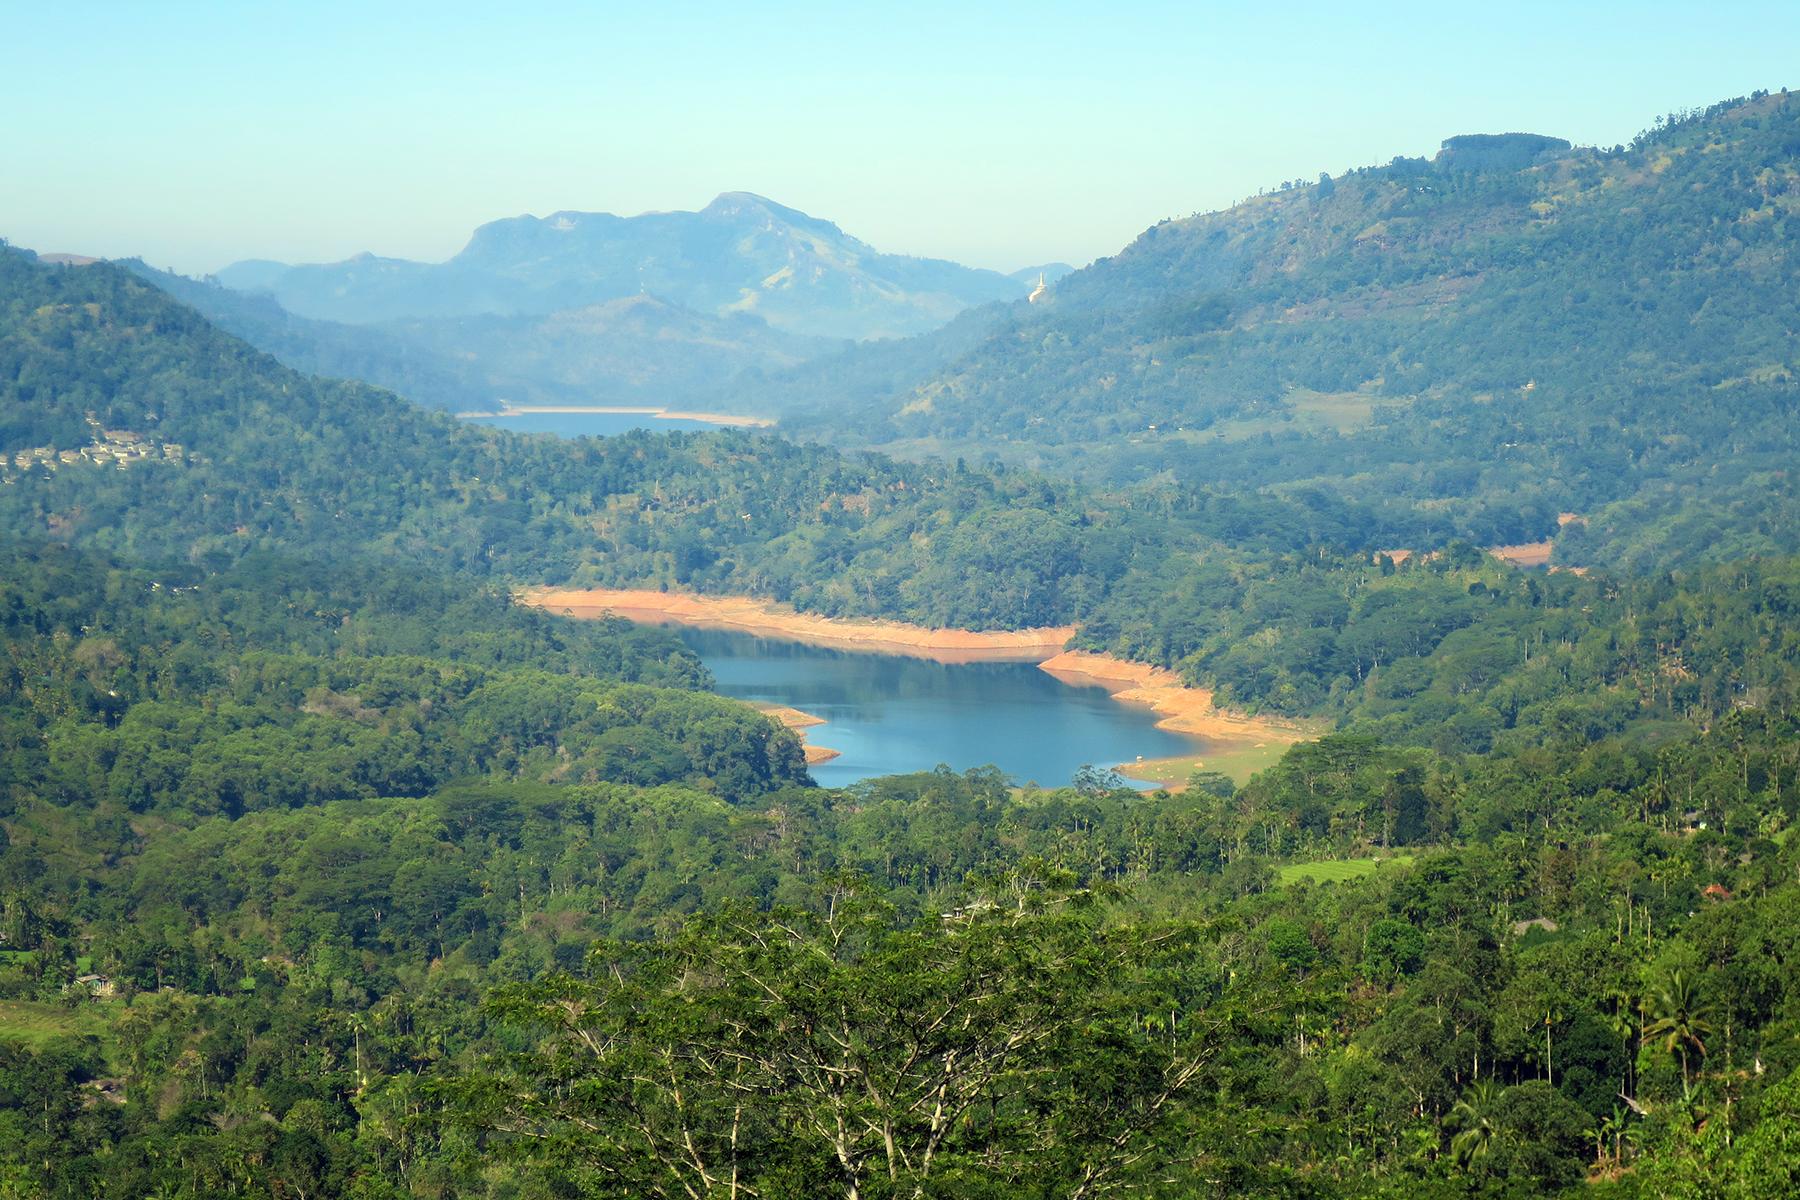 Abwarten und Tee trinken: Reise zu den Tee-Plantagen auf Sri Lanka